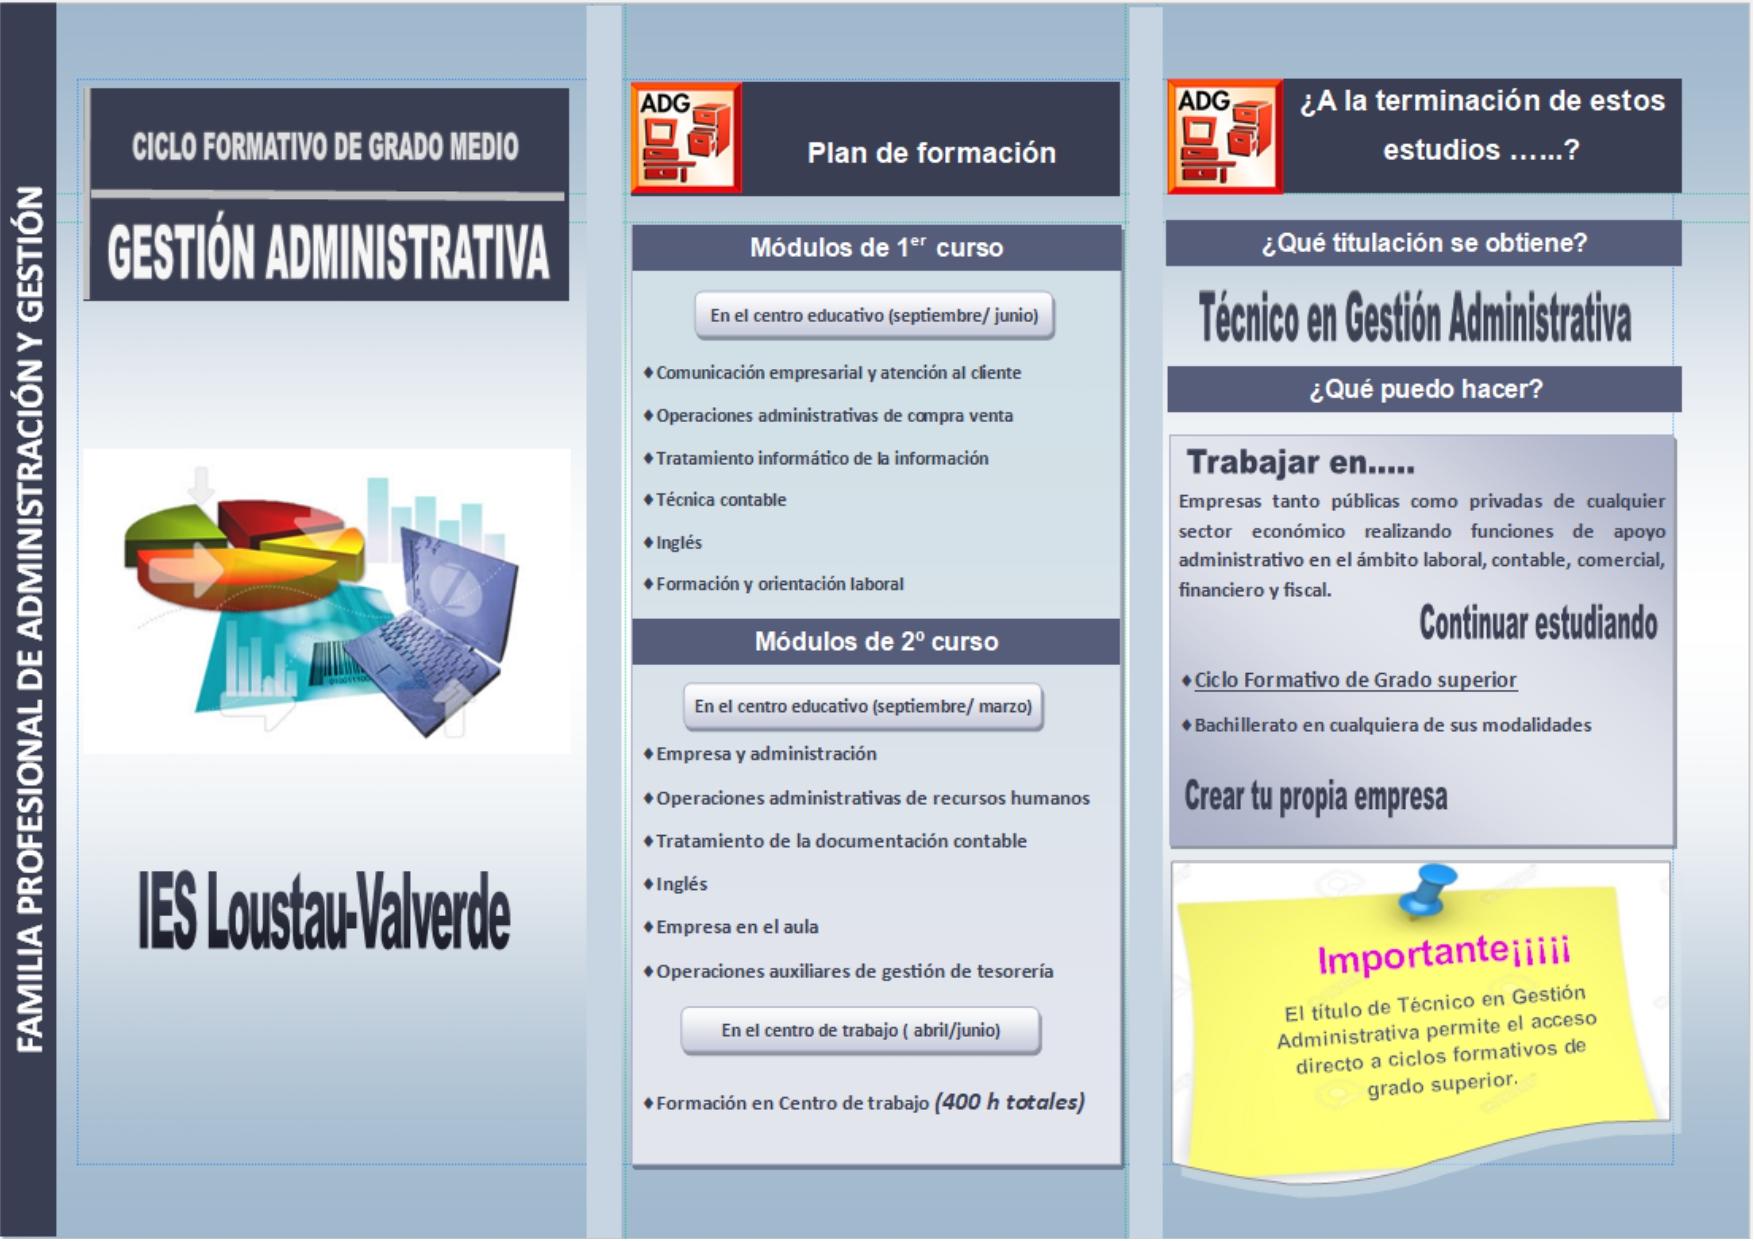 CFGM Gestión Administrativa